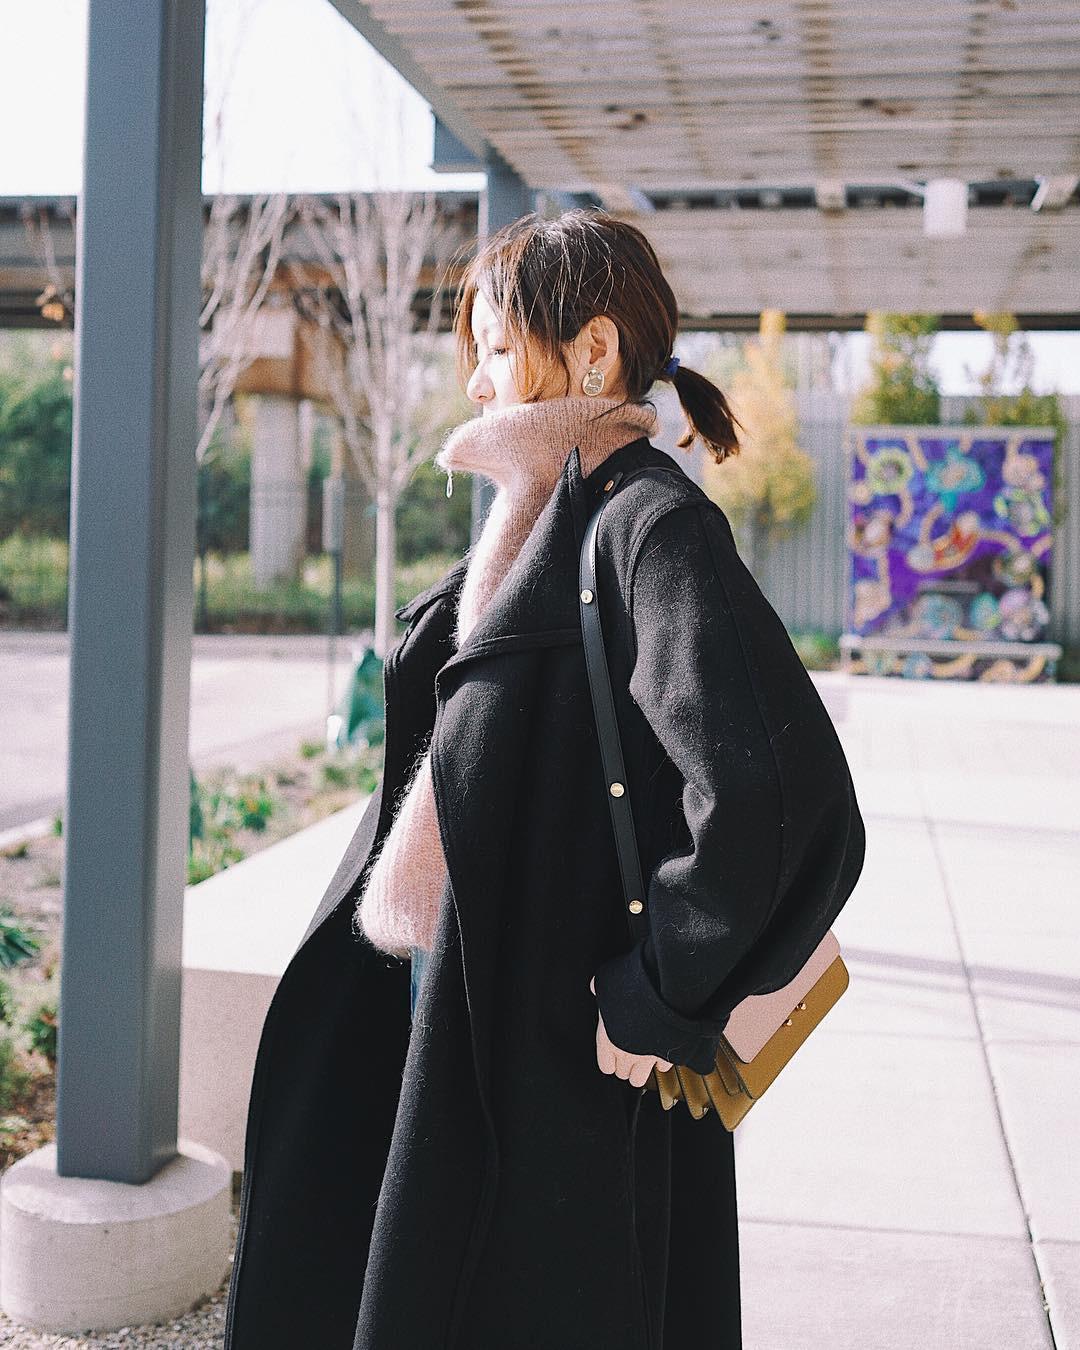 """Diện áo khoác tối màu, các nàng có thể bị chê """"dừ"""" và cứng nhắc nhưng áp dụng 3 tips sau thì khỏi cần lo - Ảnh 4"""